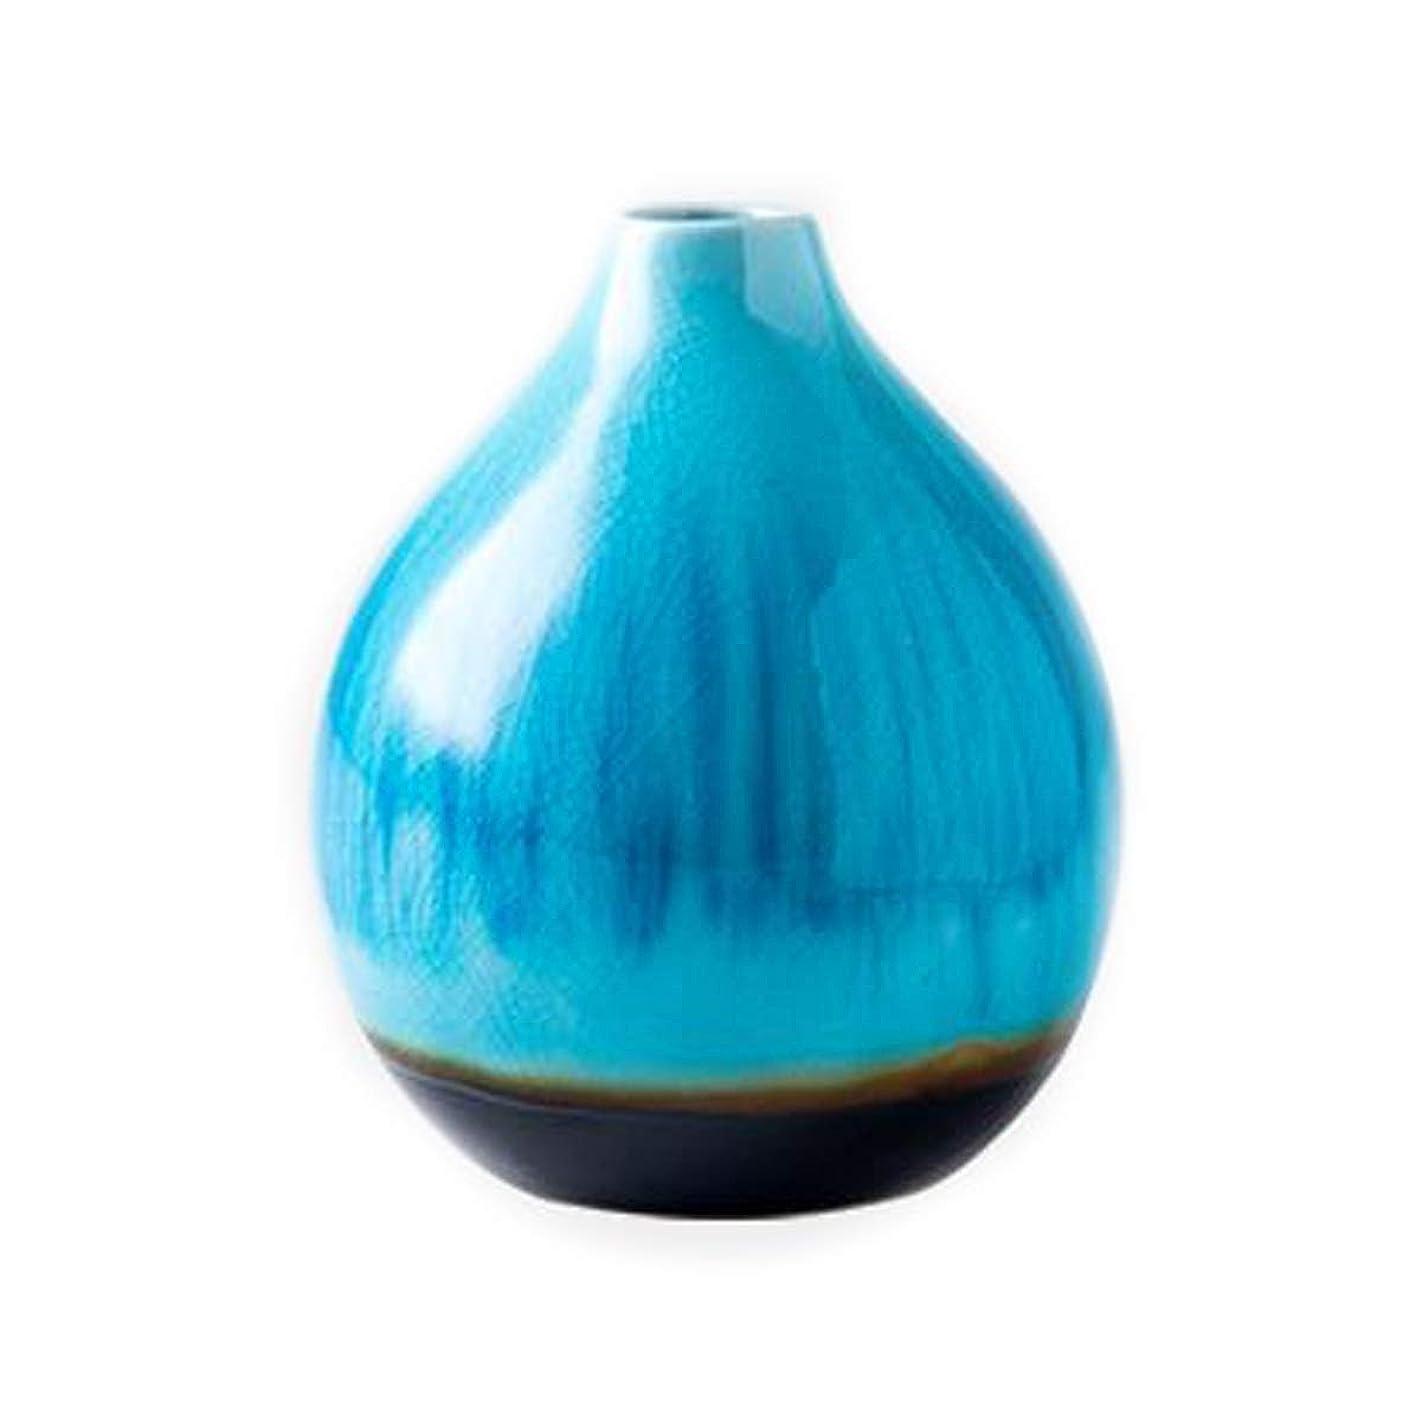 艦隊泥私たちのものCPWJD 花瓶クリエイティブ花瓶の花北欧モダン?ミニマリストホームリビングルームのベッドルームセラミック花瓶 (Color : Blue)